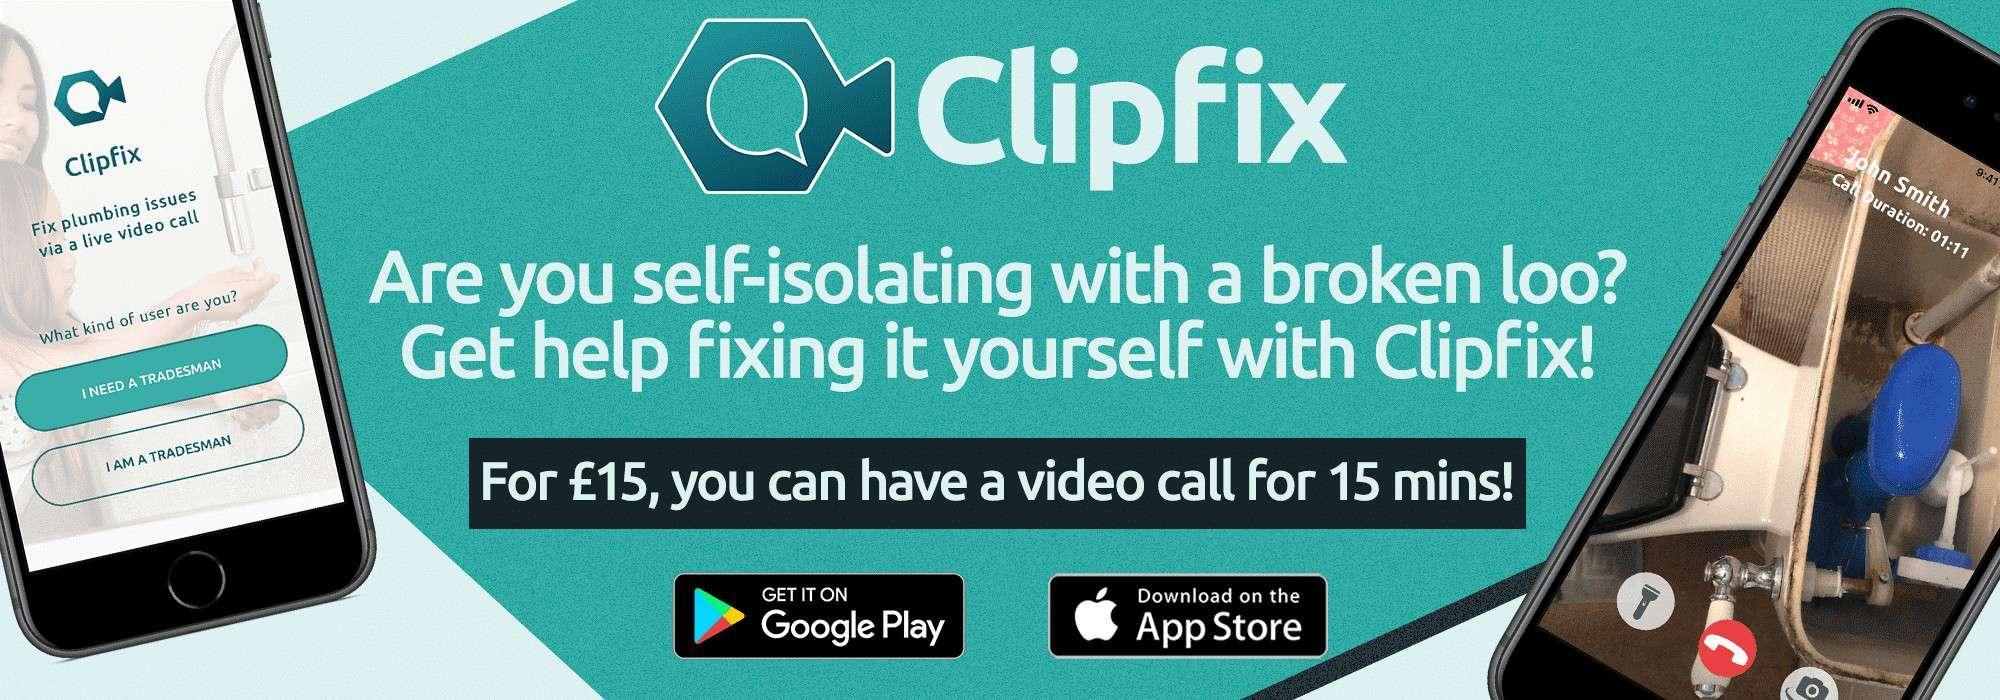 clipfix plumbing